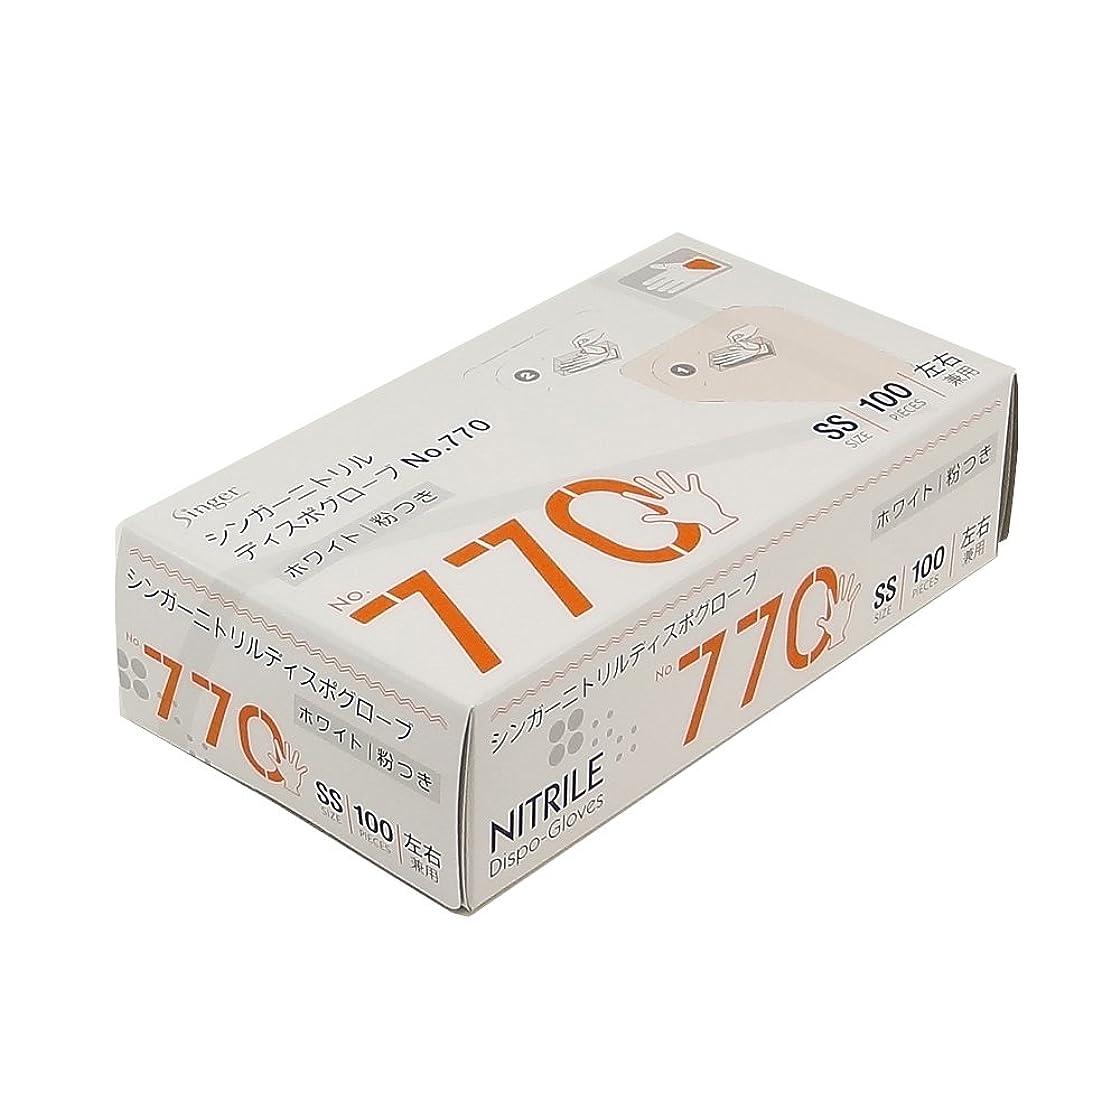 出来事創造アマチュア宇都宮製作 ディスポ手袋 シンガーニトリルディスポグローブ No.770 ホワイト 粉付 100枚入  SS